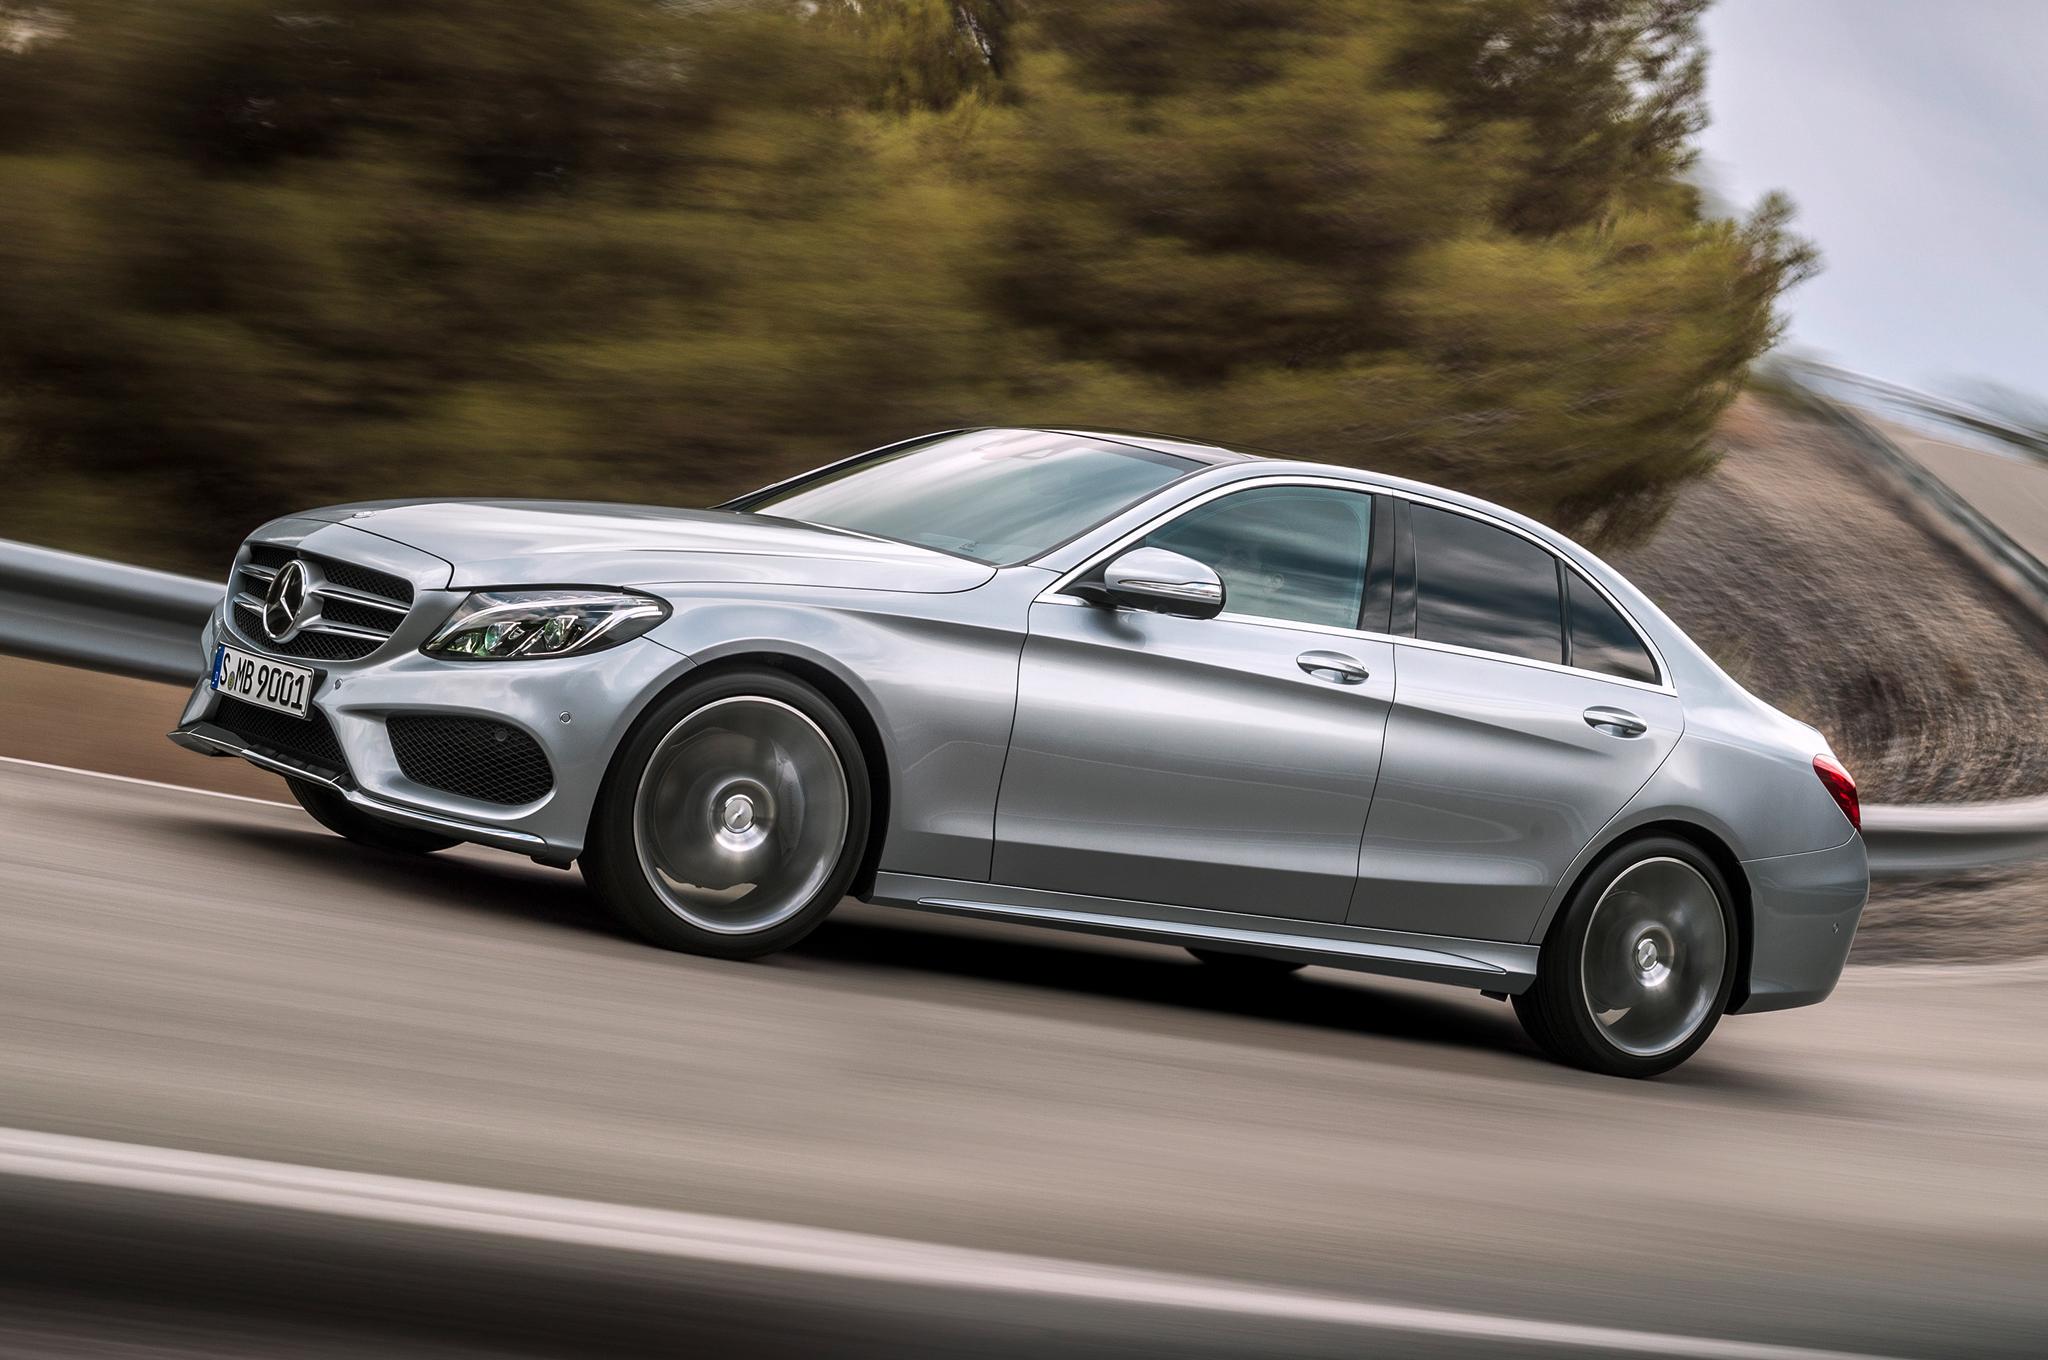 2015 Mercedes-Benz C-Class Performance Test